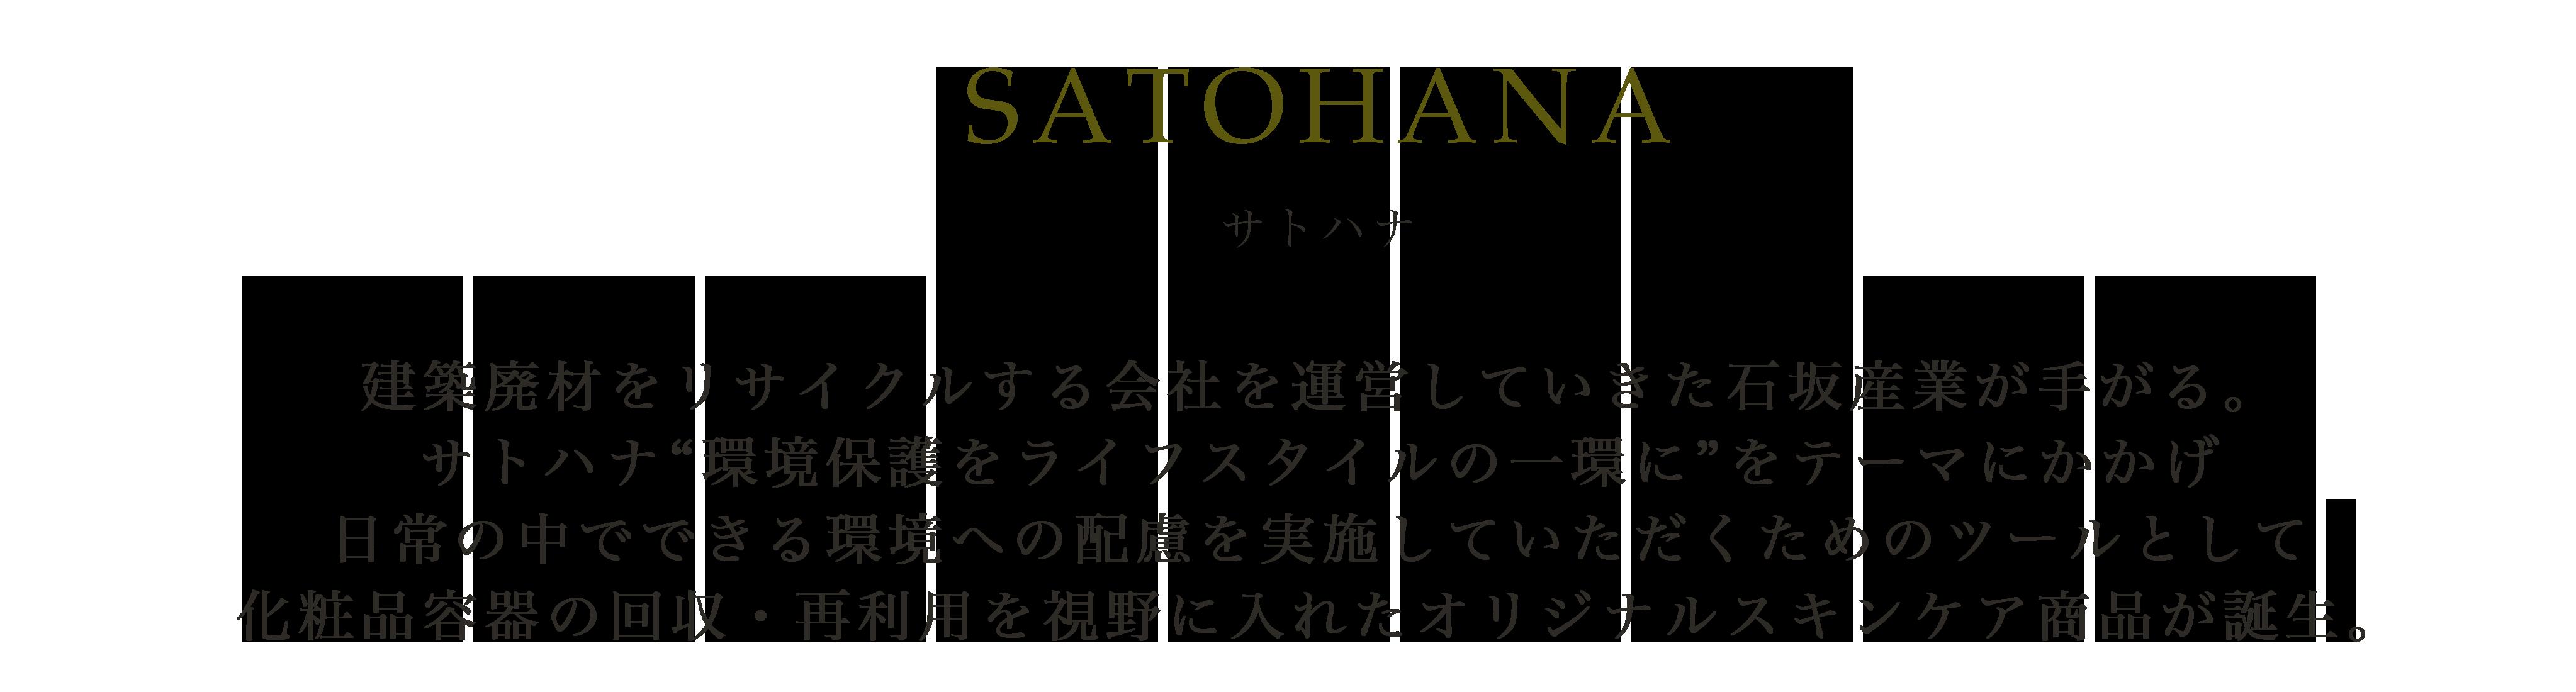 SATOHANA